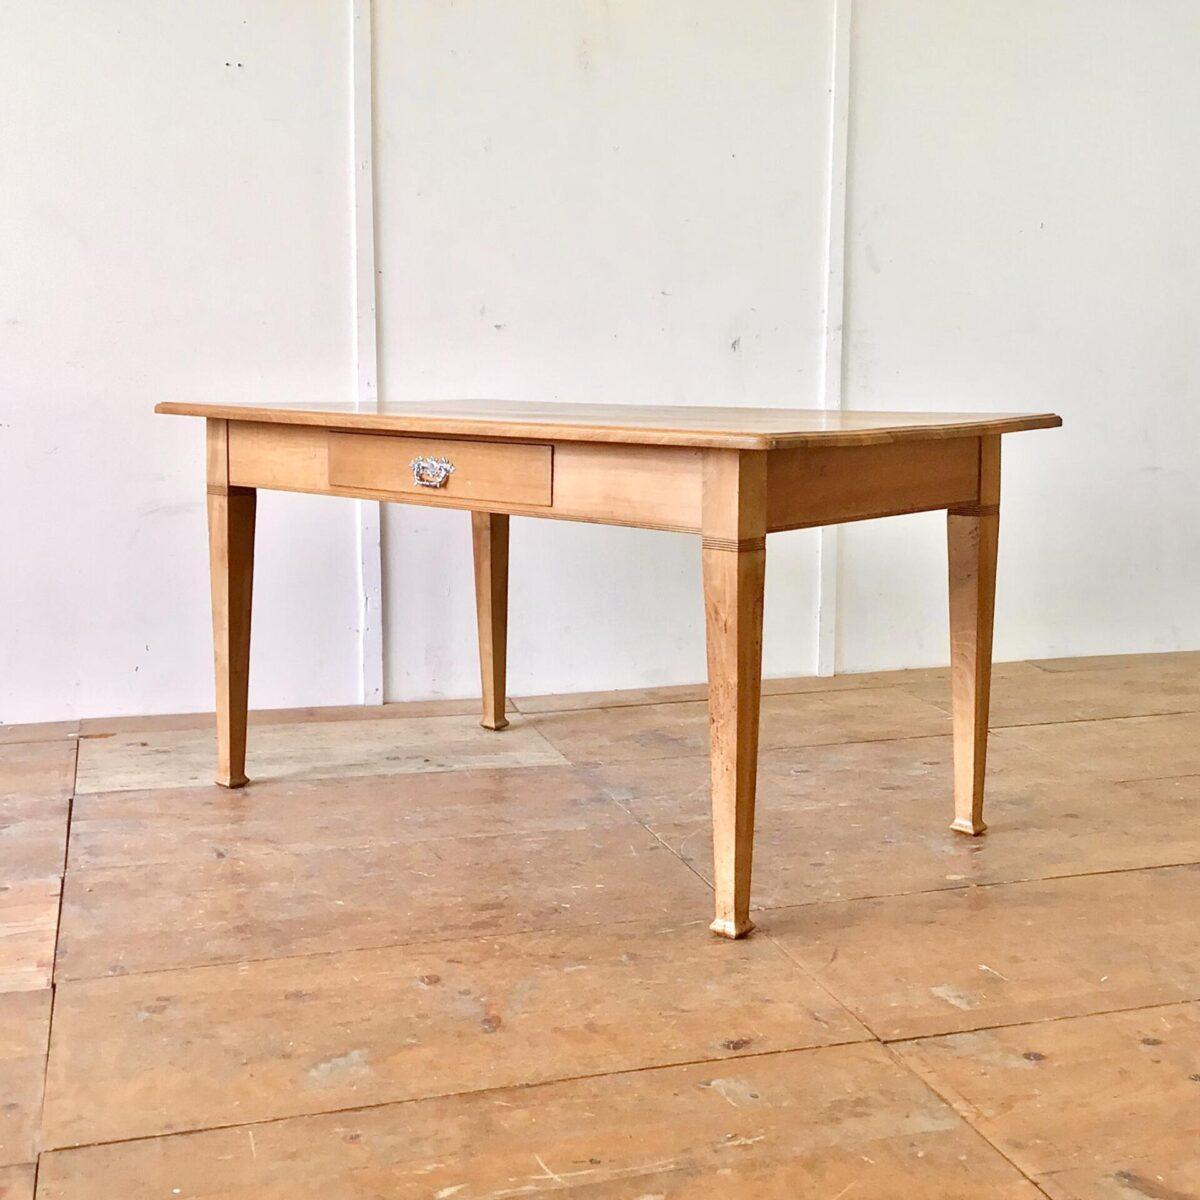 Nussbaum Biedermeier Tisch 154x89cm Höhe 77cm. Dieser Esstisch oder grosse Schreibtisch ist komplett aus Nussbaum Vollholz. Die Holzoberfläche ist lackiert. Lebhafte Holzmaserung, Tischkante leicht profiliert.